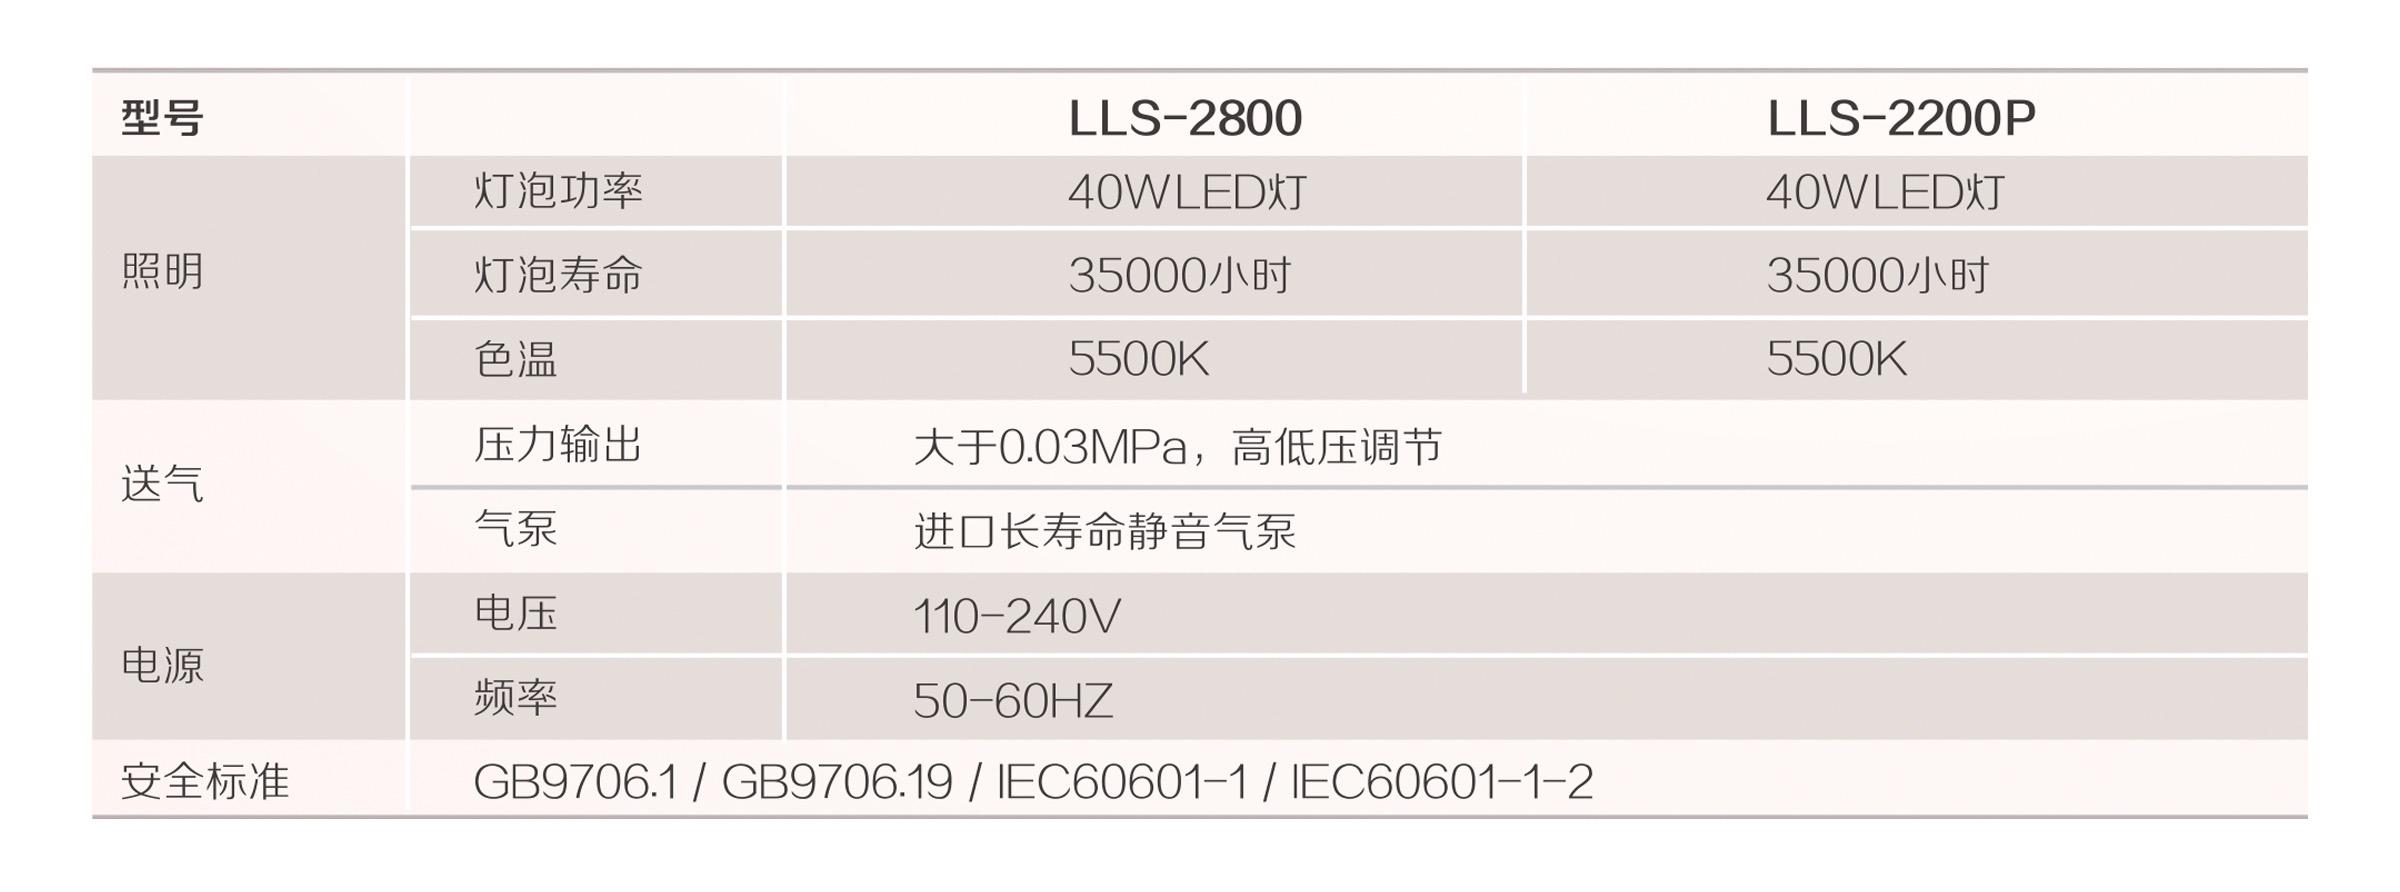 医用冷光源 LLS-2800